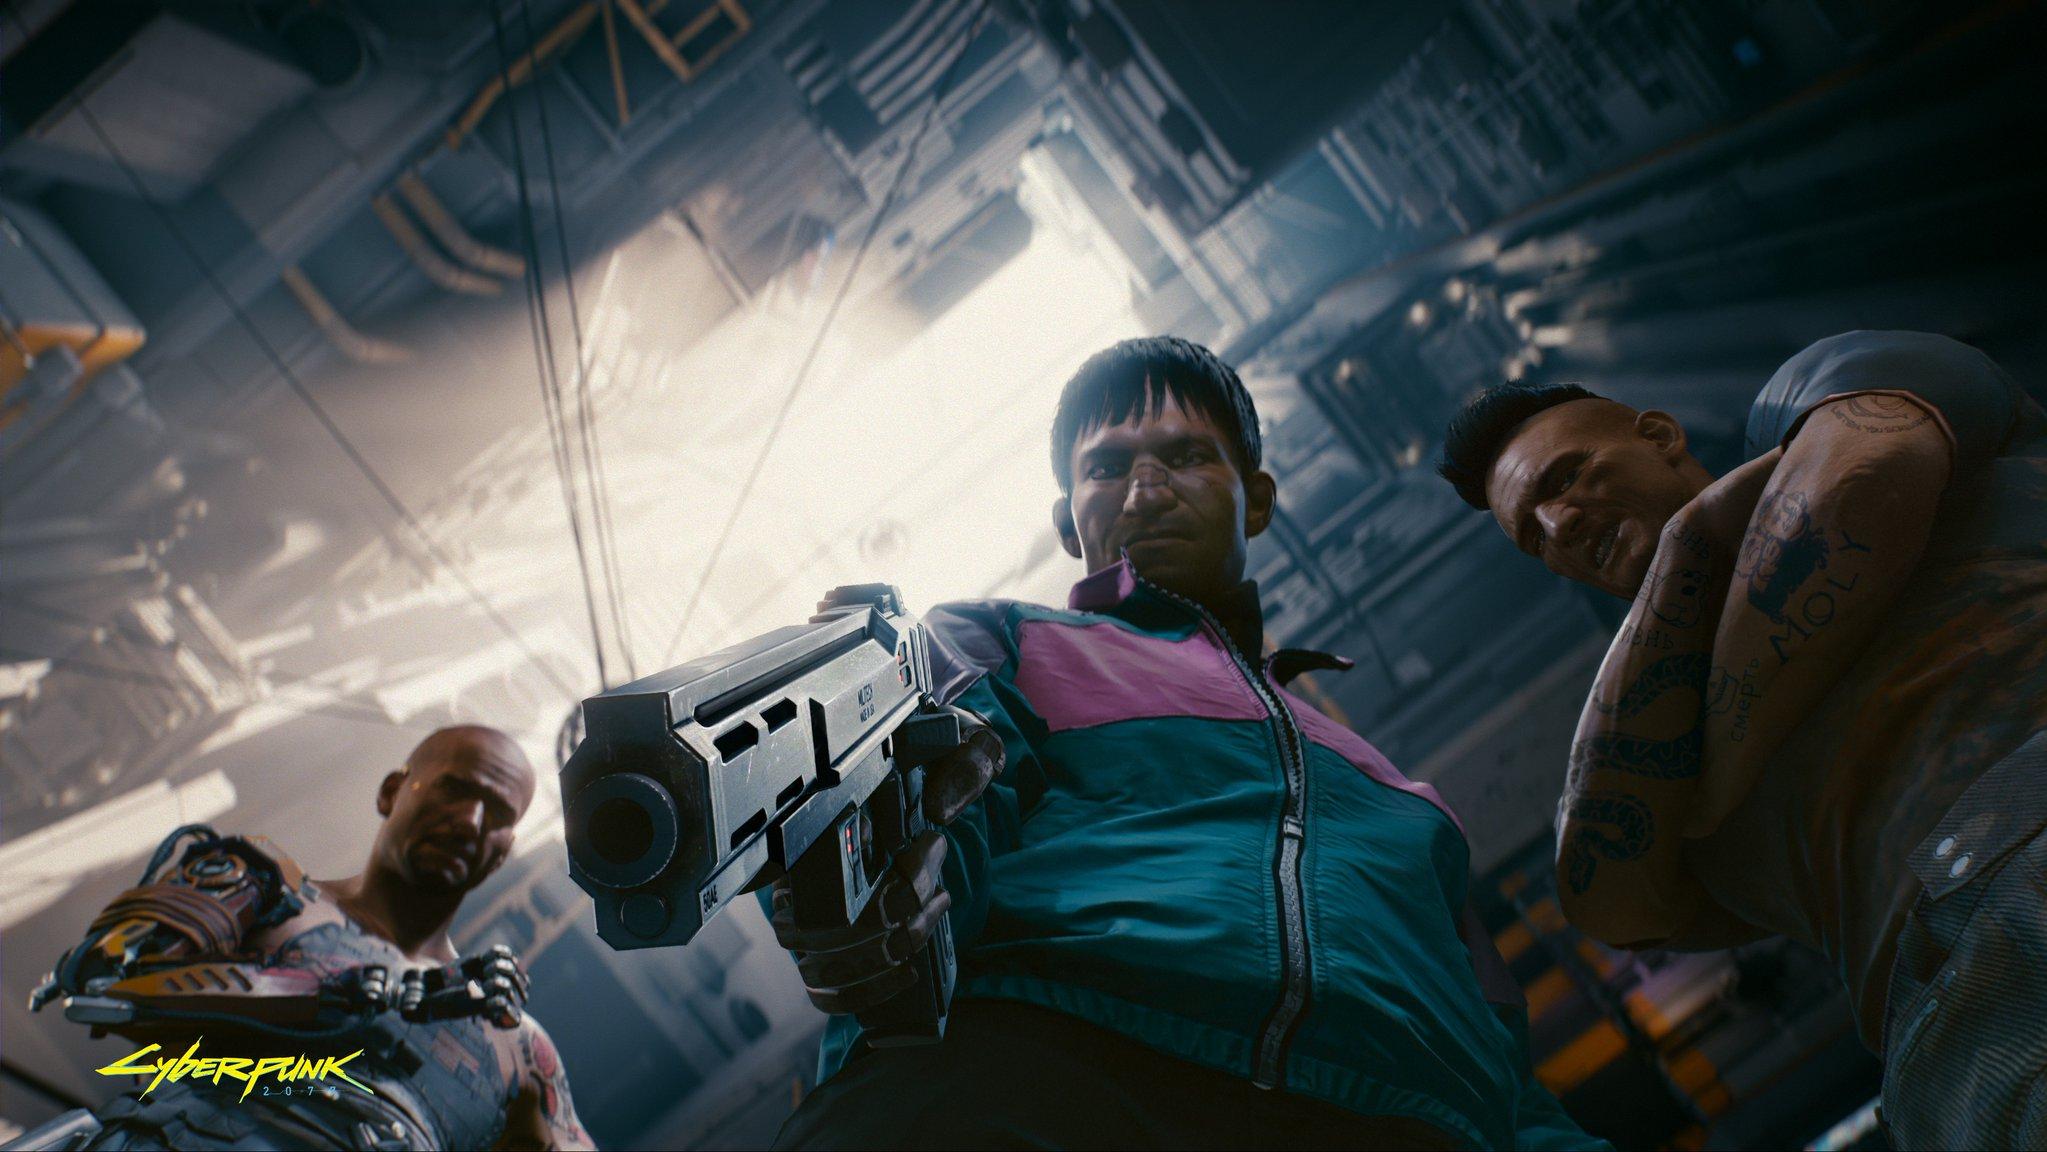 《赛博朋克2077》长篇访谈:夜城之外,别有洞天